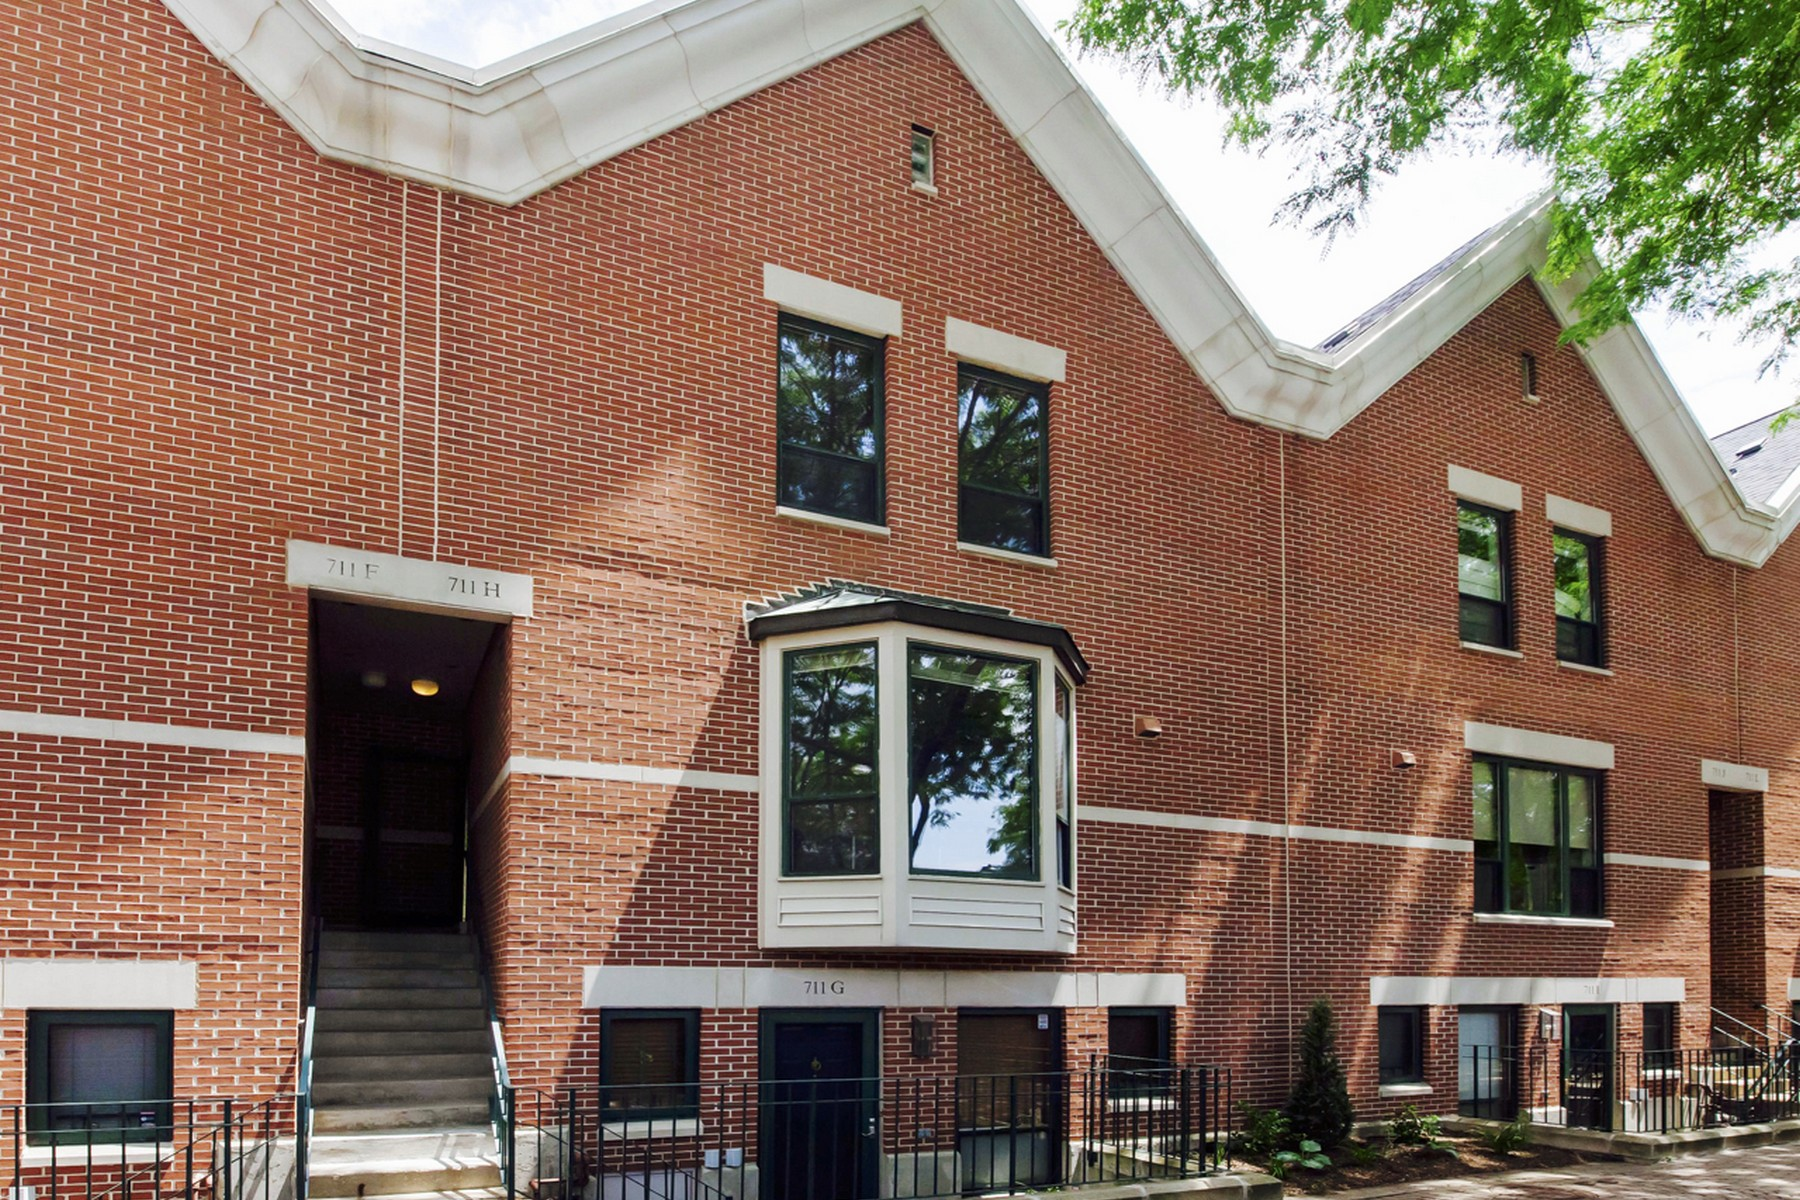 Moradia em banda para Venda às Huge Tri-Level Garibaldi Square Townhome! 711 S Ashland Avenue Unit H Near West Side, Chicago, Illinois, 60607 Estados Unidos